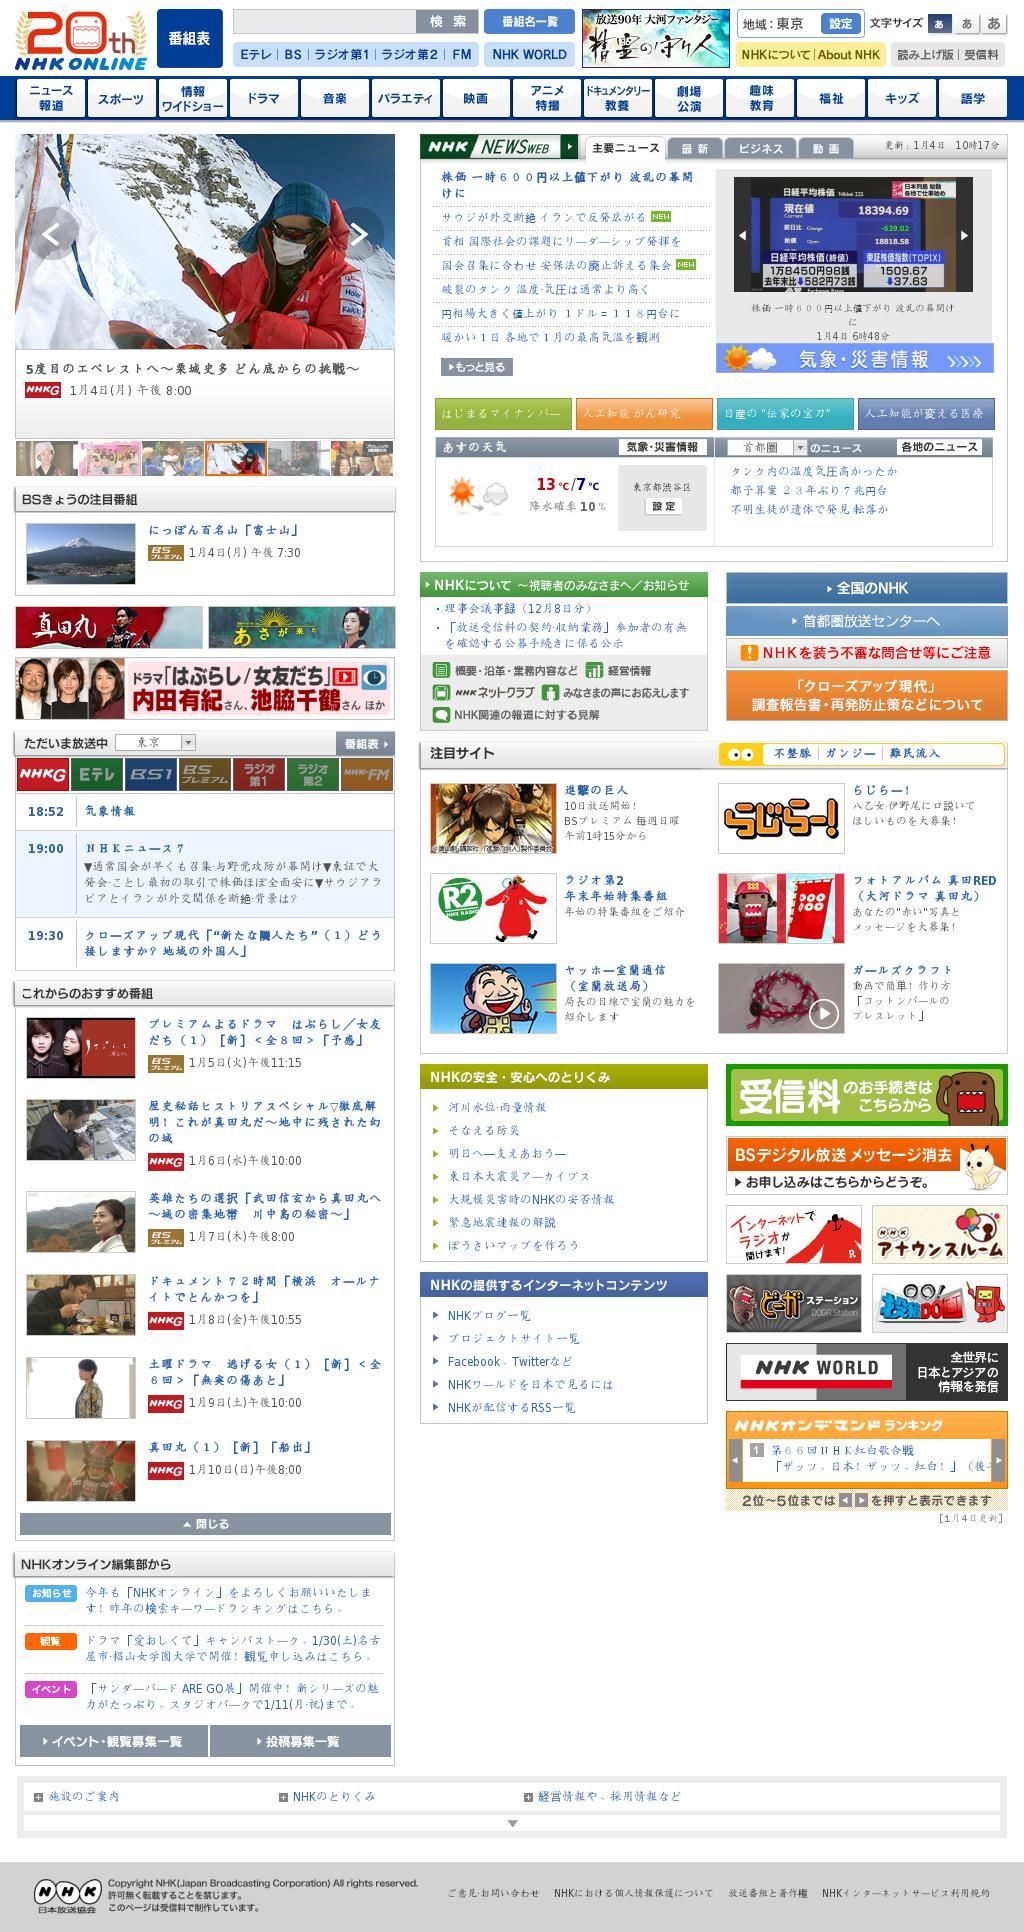 NHK Online at Monday Jan. 4, 2016, 10:20 a.m. UTC